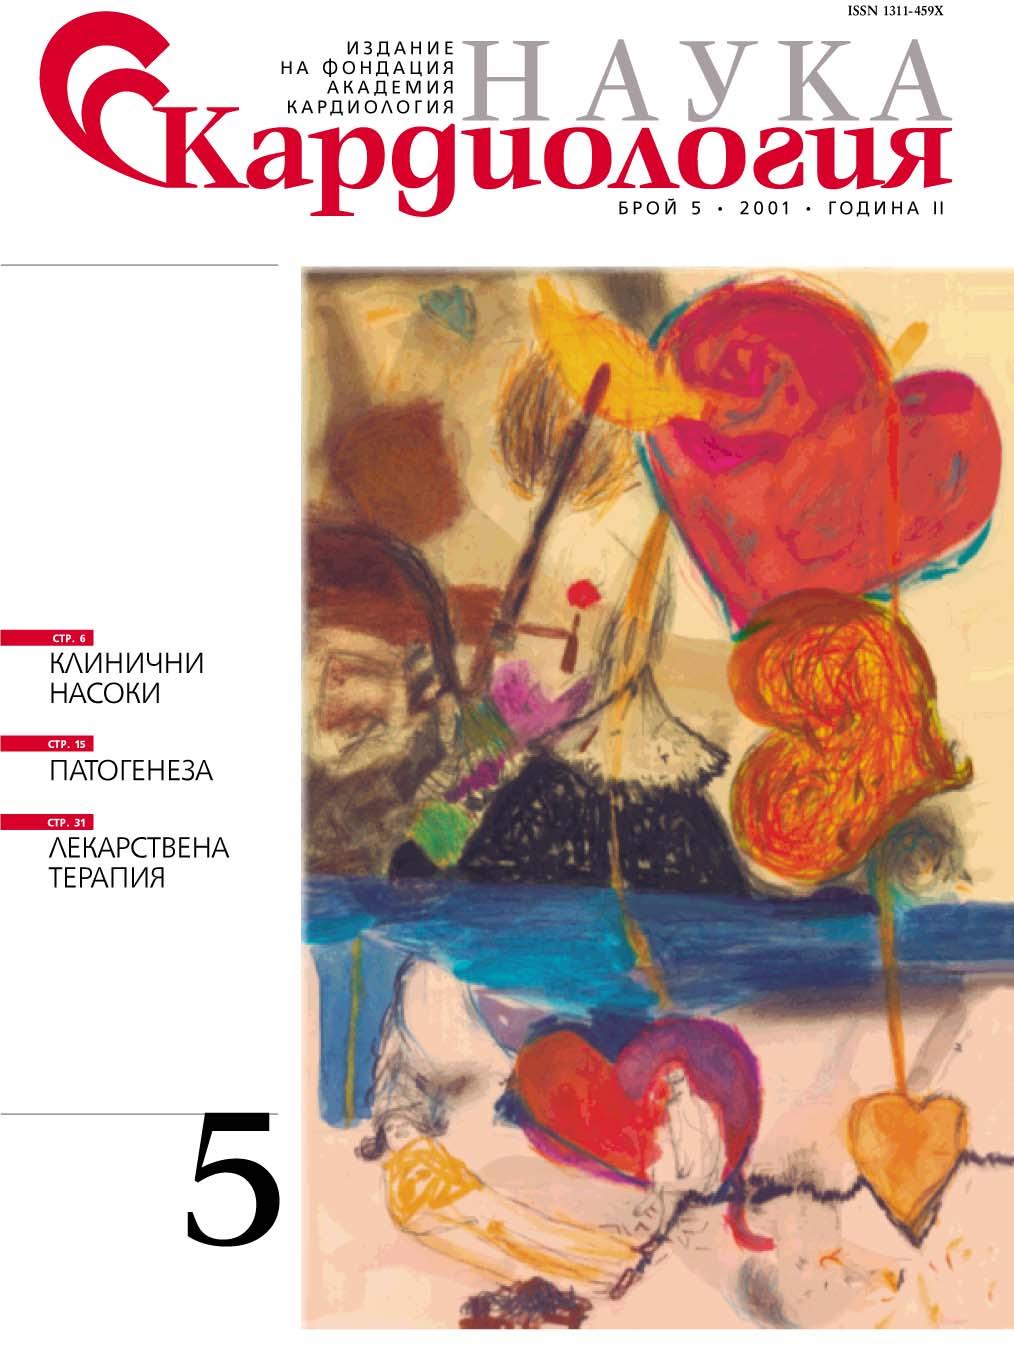 Наука Кардиология 5/2001